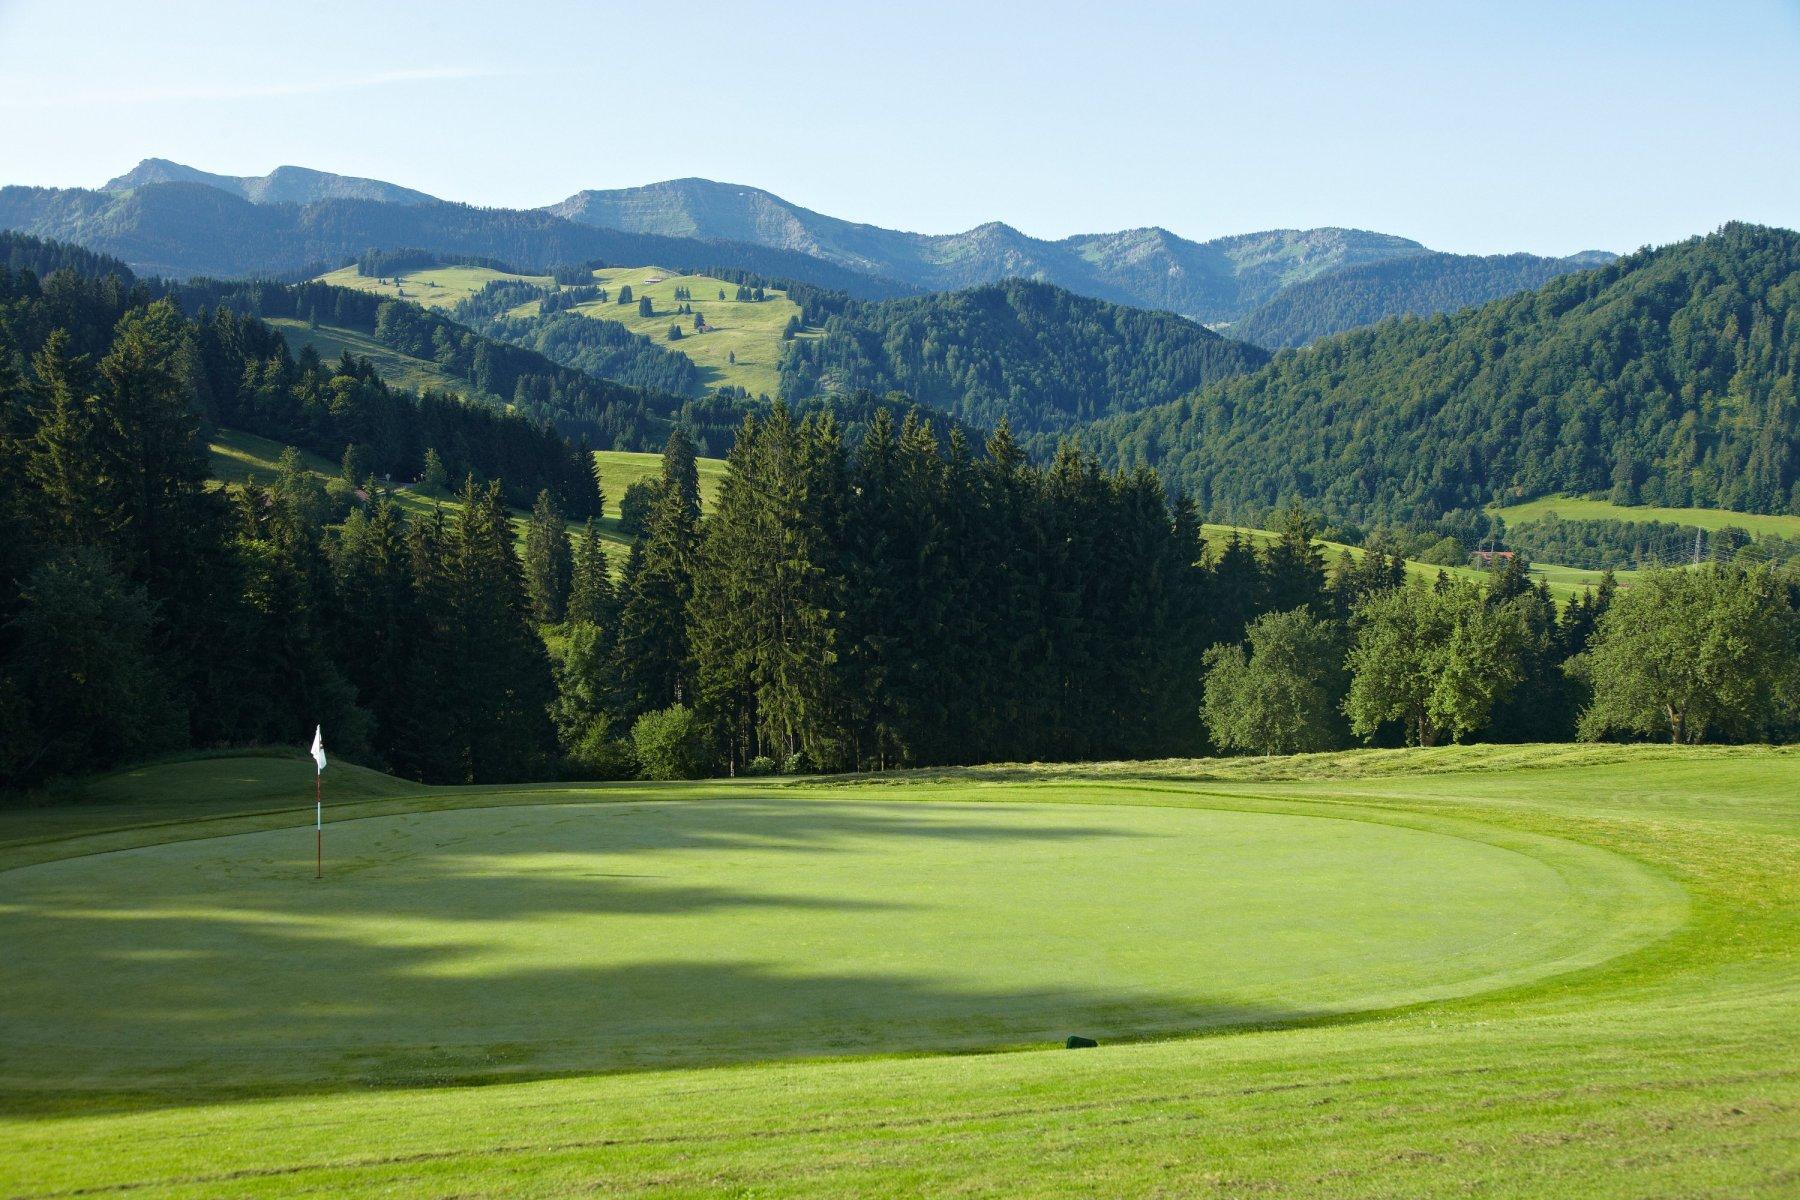 Golfplatz Oberstaufen im Allgäu mit Blick in die Berglandschaft